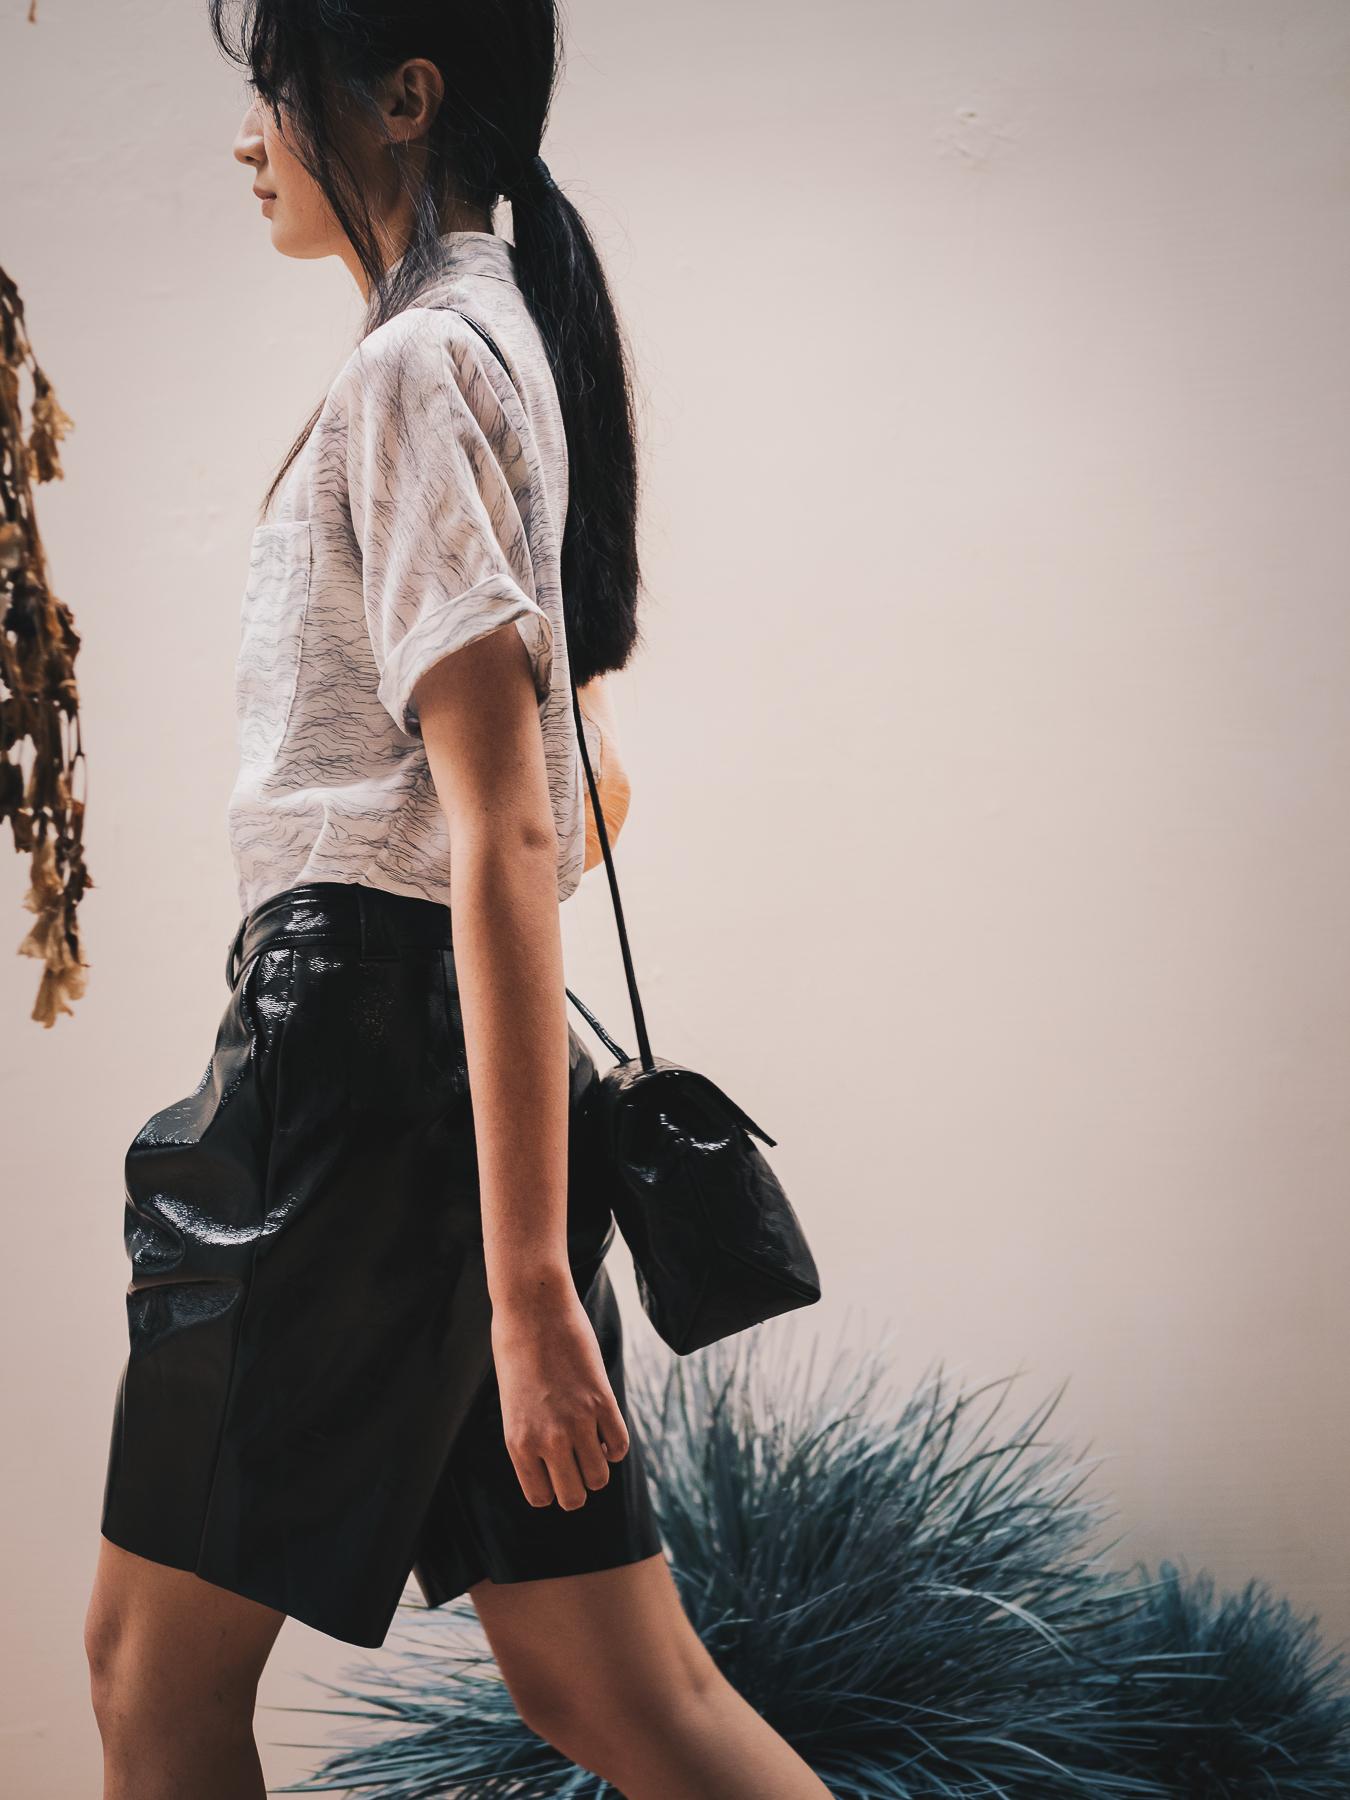 Ullnaka Dress Code 2018 - Olympus E-M1MarkII 2512 - Yes! Please Enjoy-12.jpg